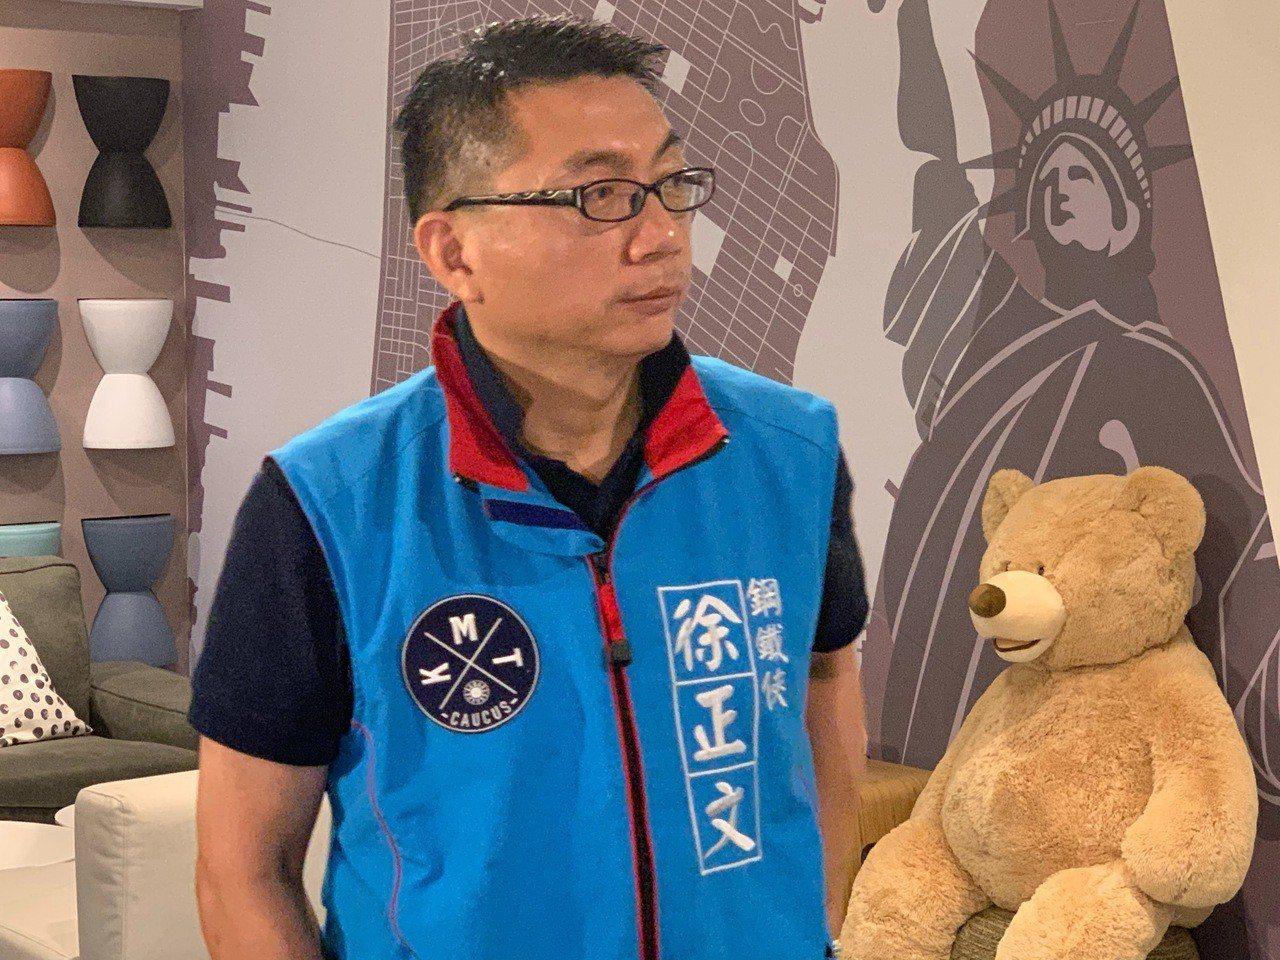 徐正文昨晚被爆料指出是「北京市政協委員」,他今開記者會指出,此事是王浩宇惡意抹紅...